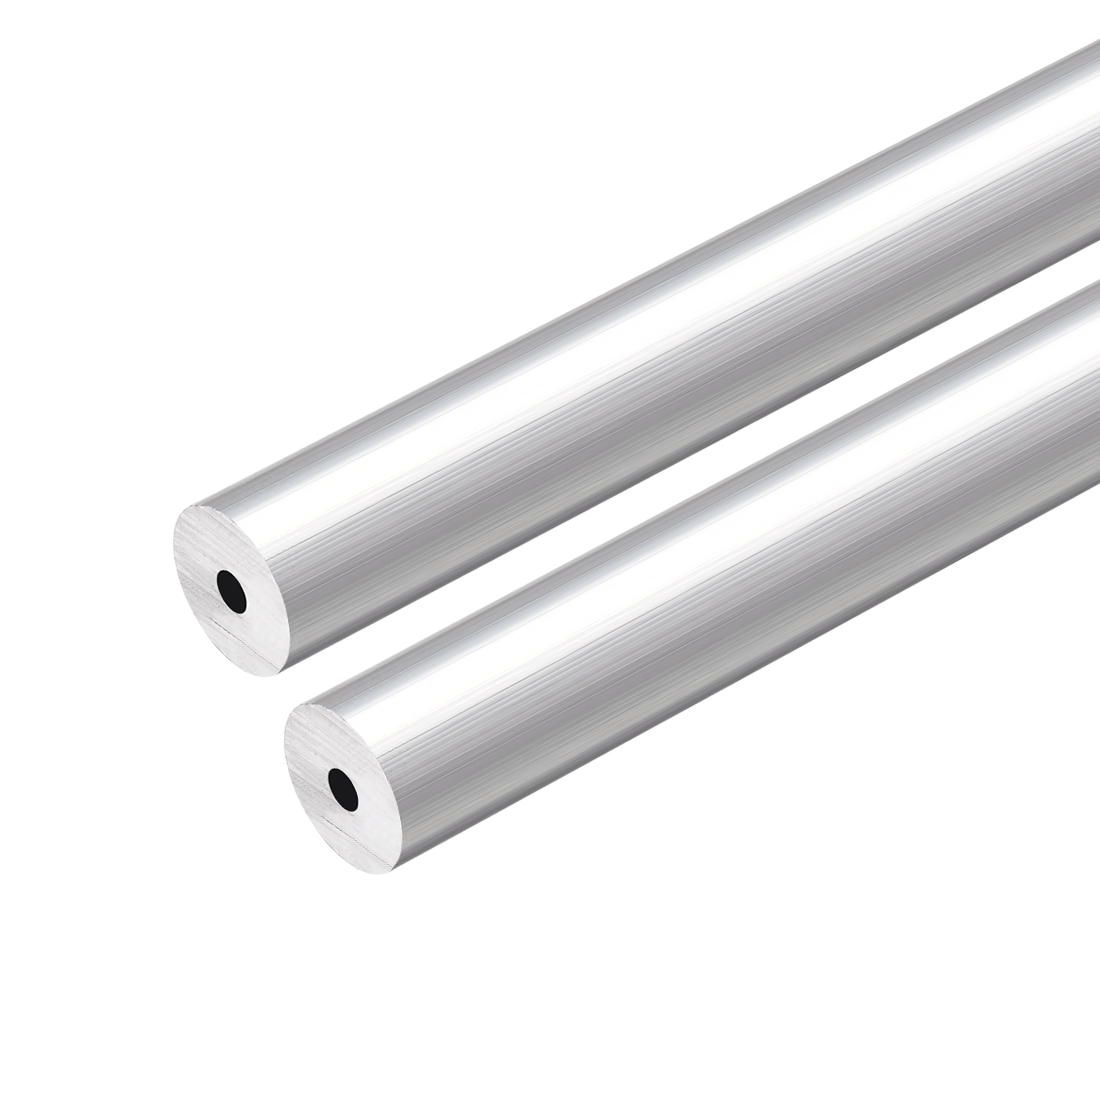 6063 Aluminum Round Tube 300mm Length 12mm OD 3mm Inner Dia Seamless Tubing 2pcs